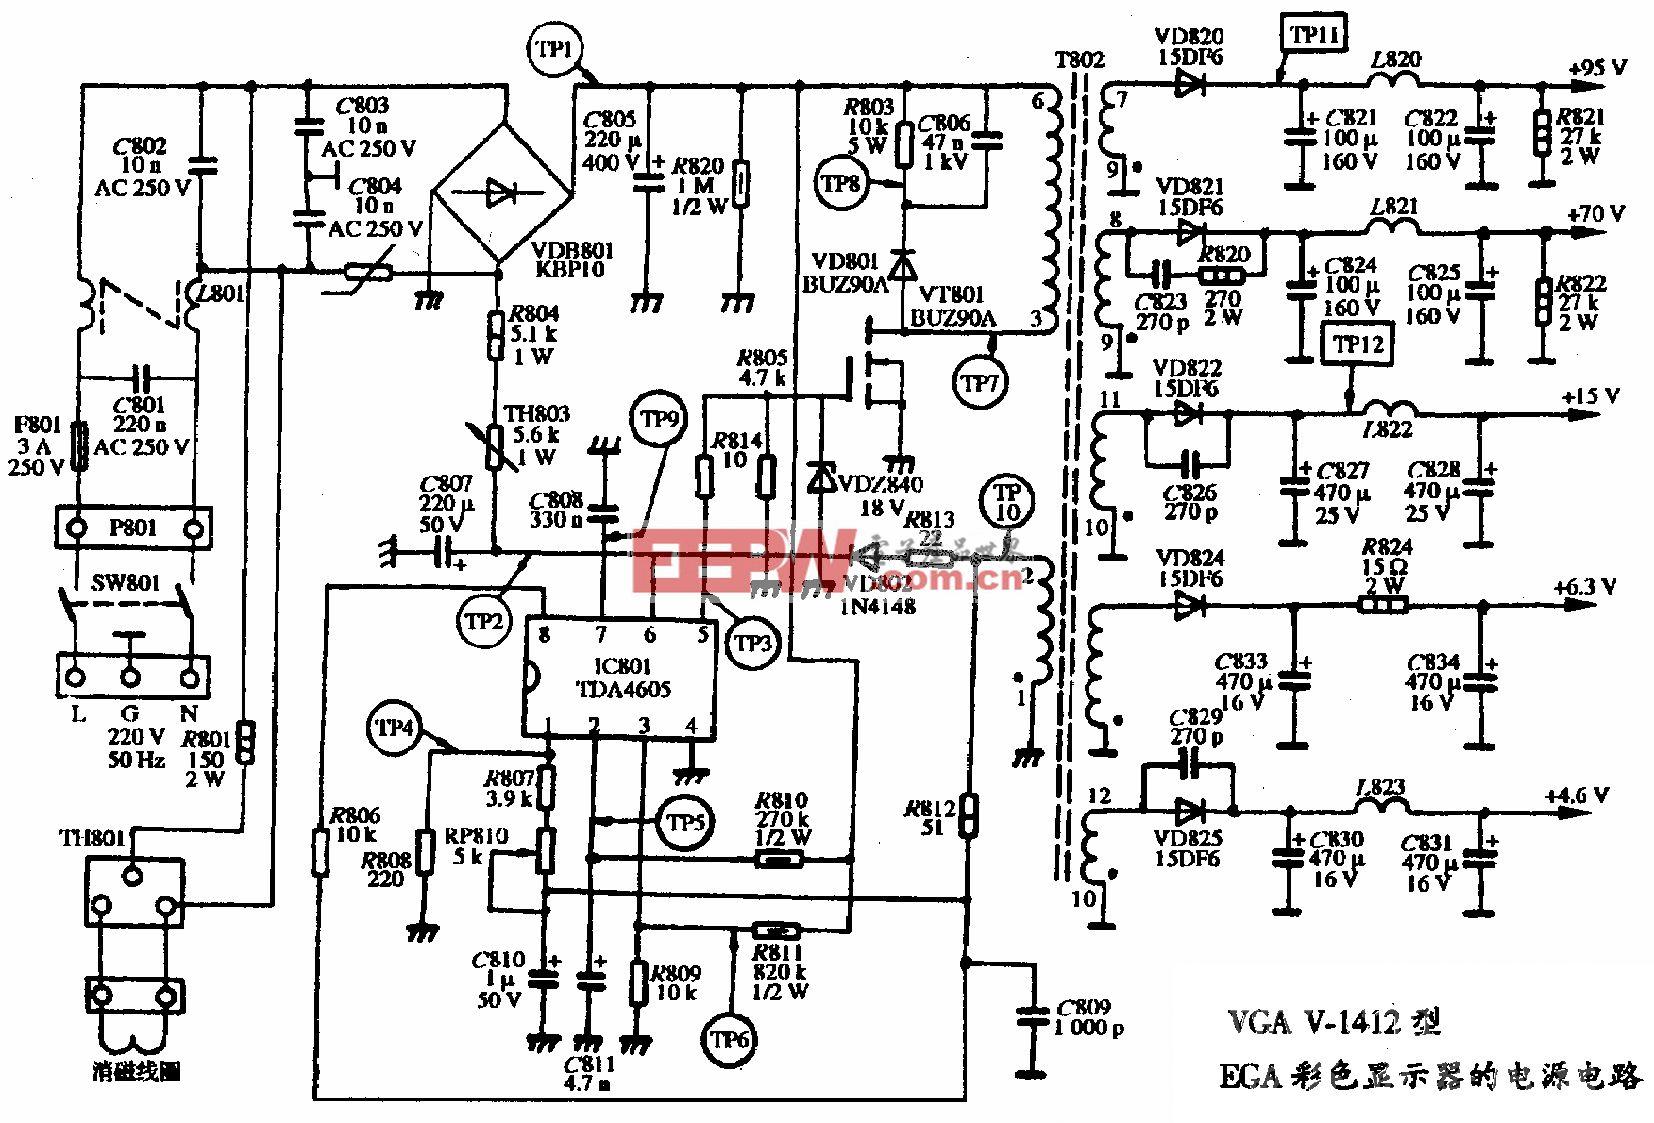 VGA V-1412型EGA彩色显示器的电源电路图